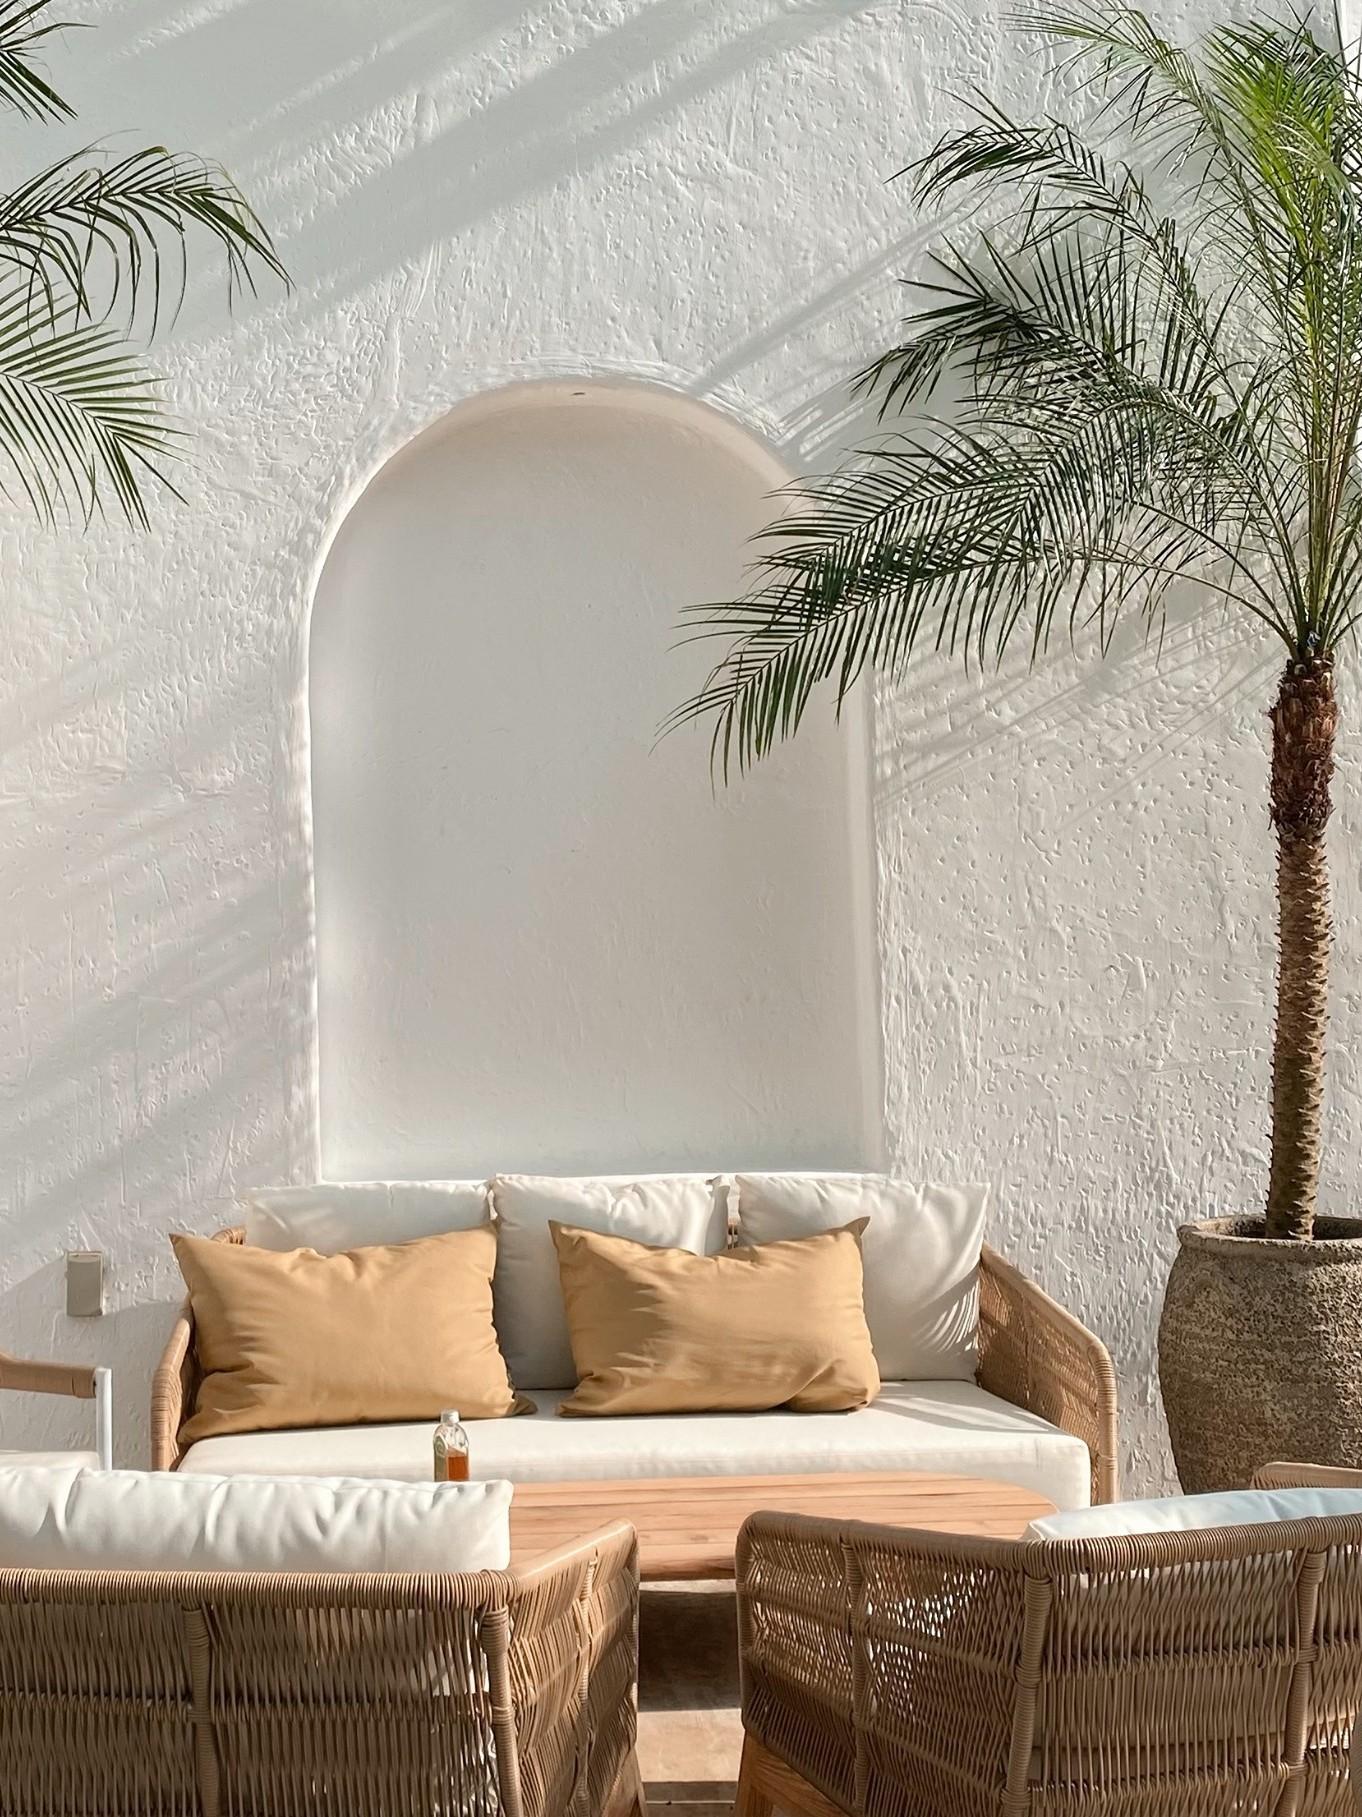 Quán cafe ngập nắng phong cách Địa Trung Hải